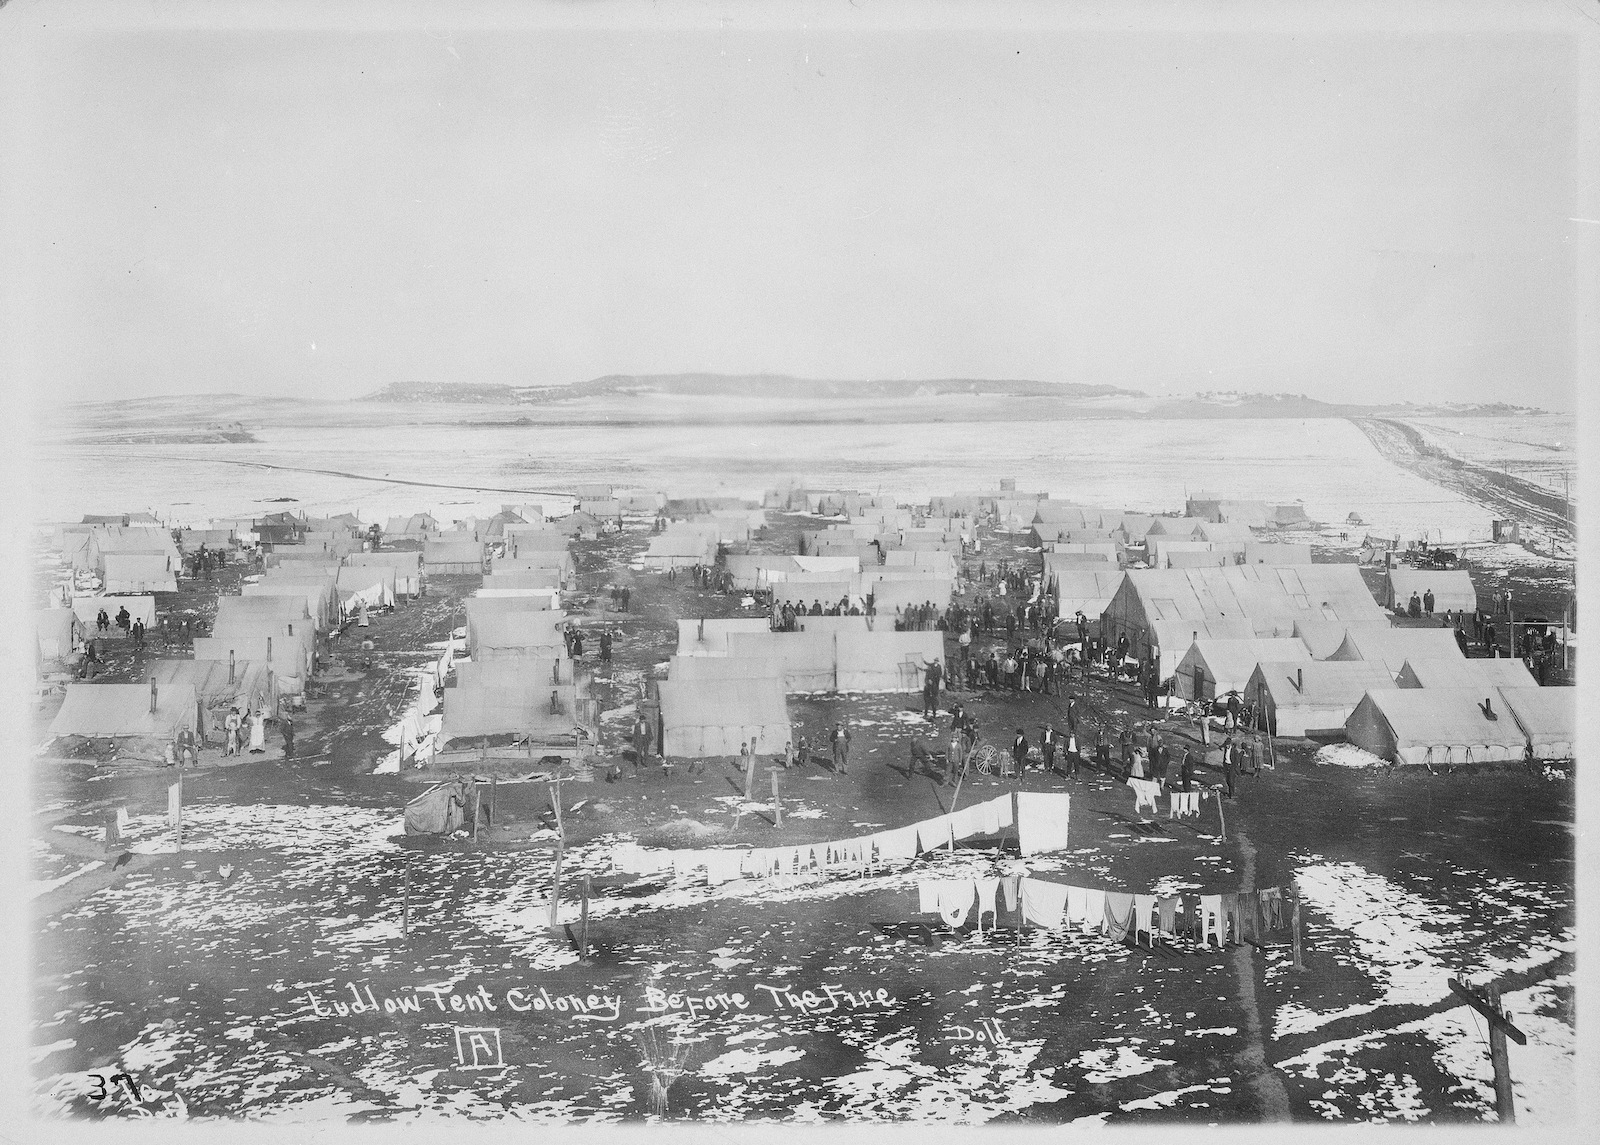 camp-ludlow-colorado-before-massacre-1914